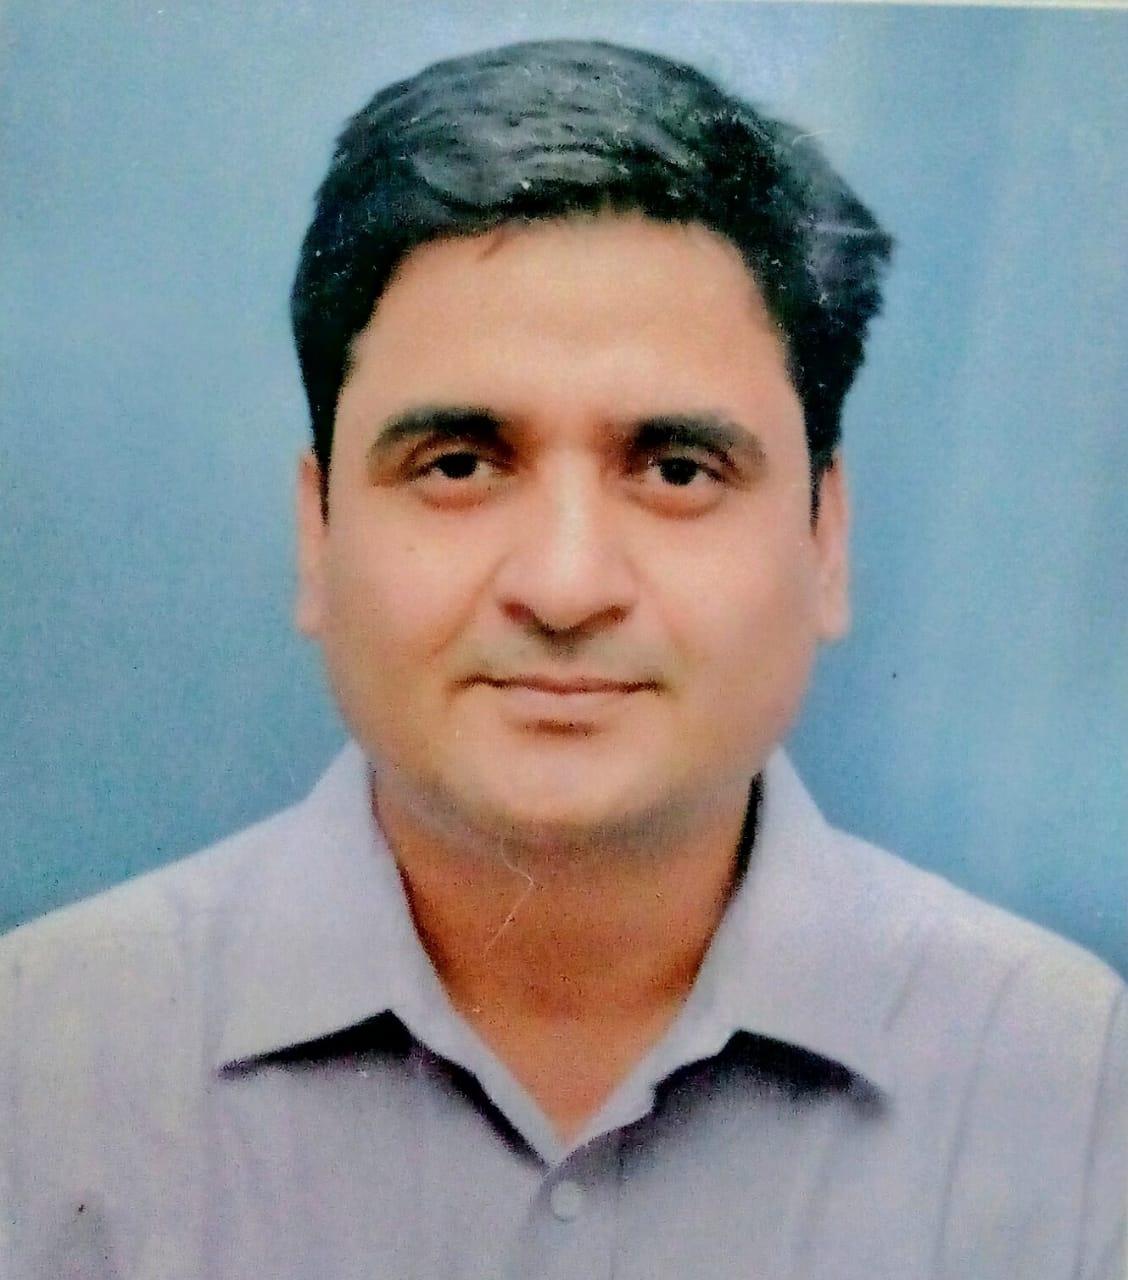 Dr. Bhatt's returns